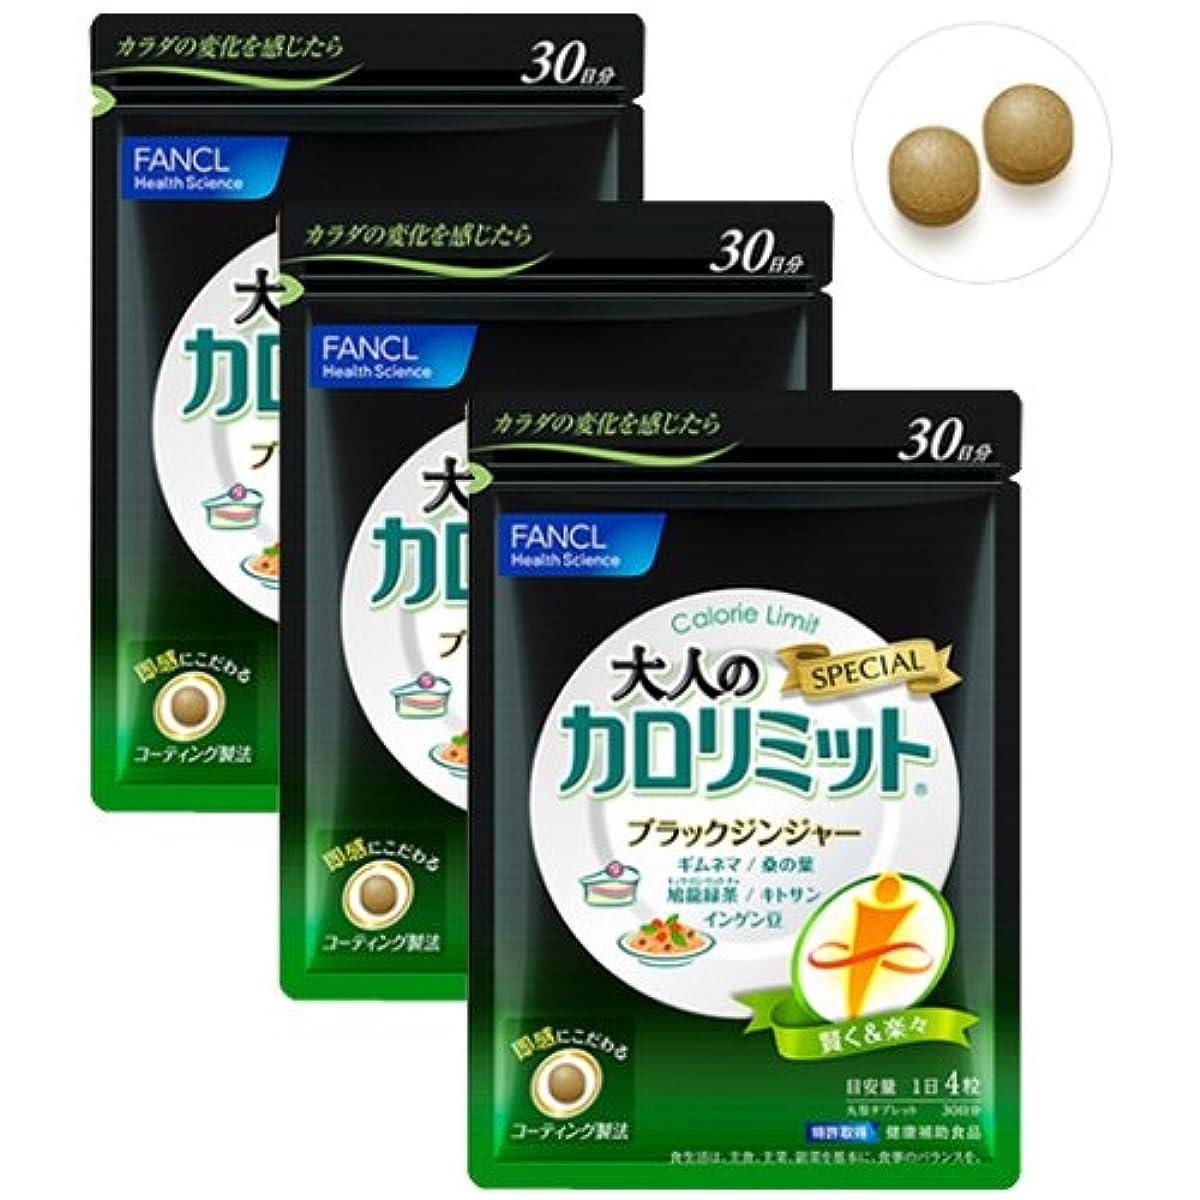 [해외] 후게루 성인용 칼로리 미트30일분 120알×3 개세트